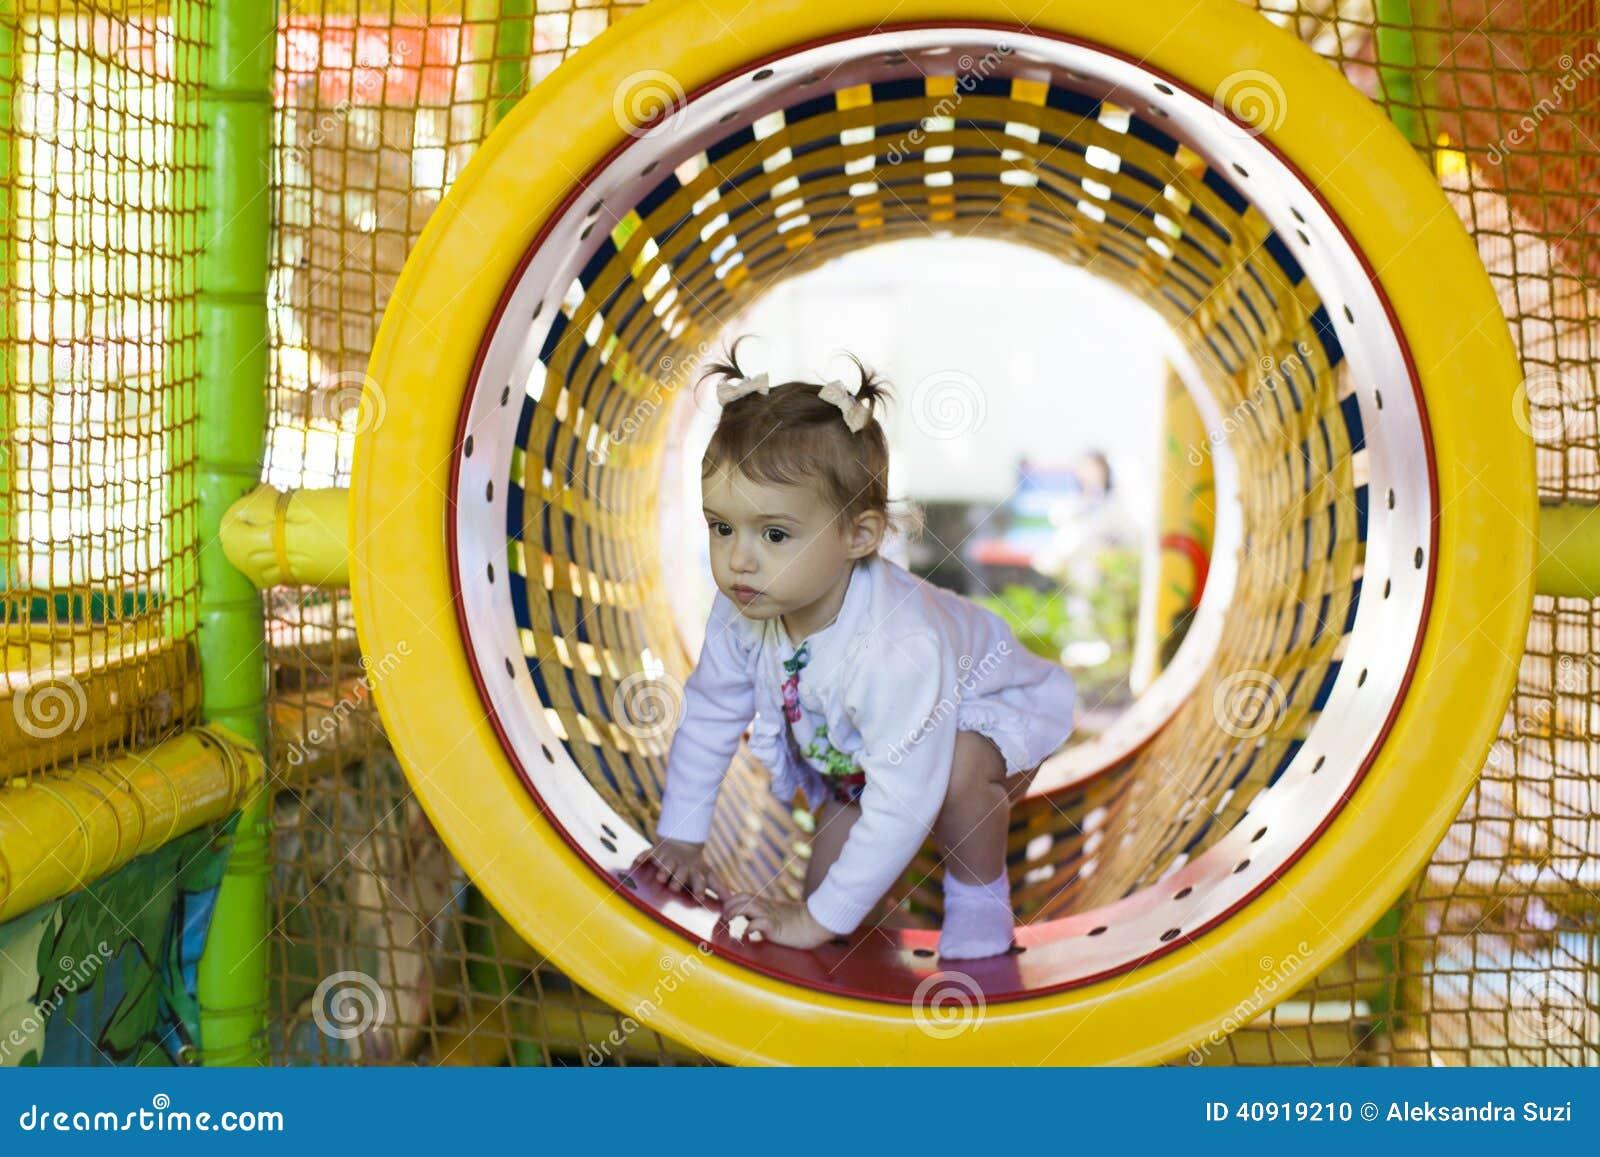 Bébé sur un terrain de jeu